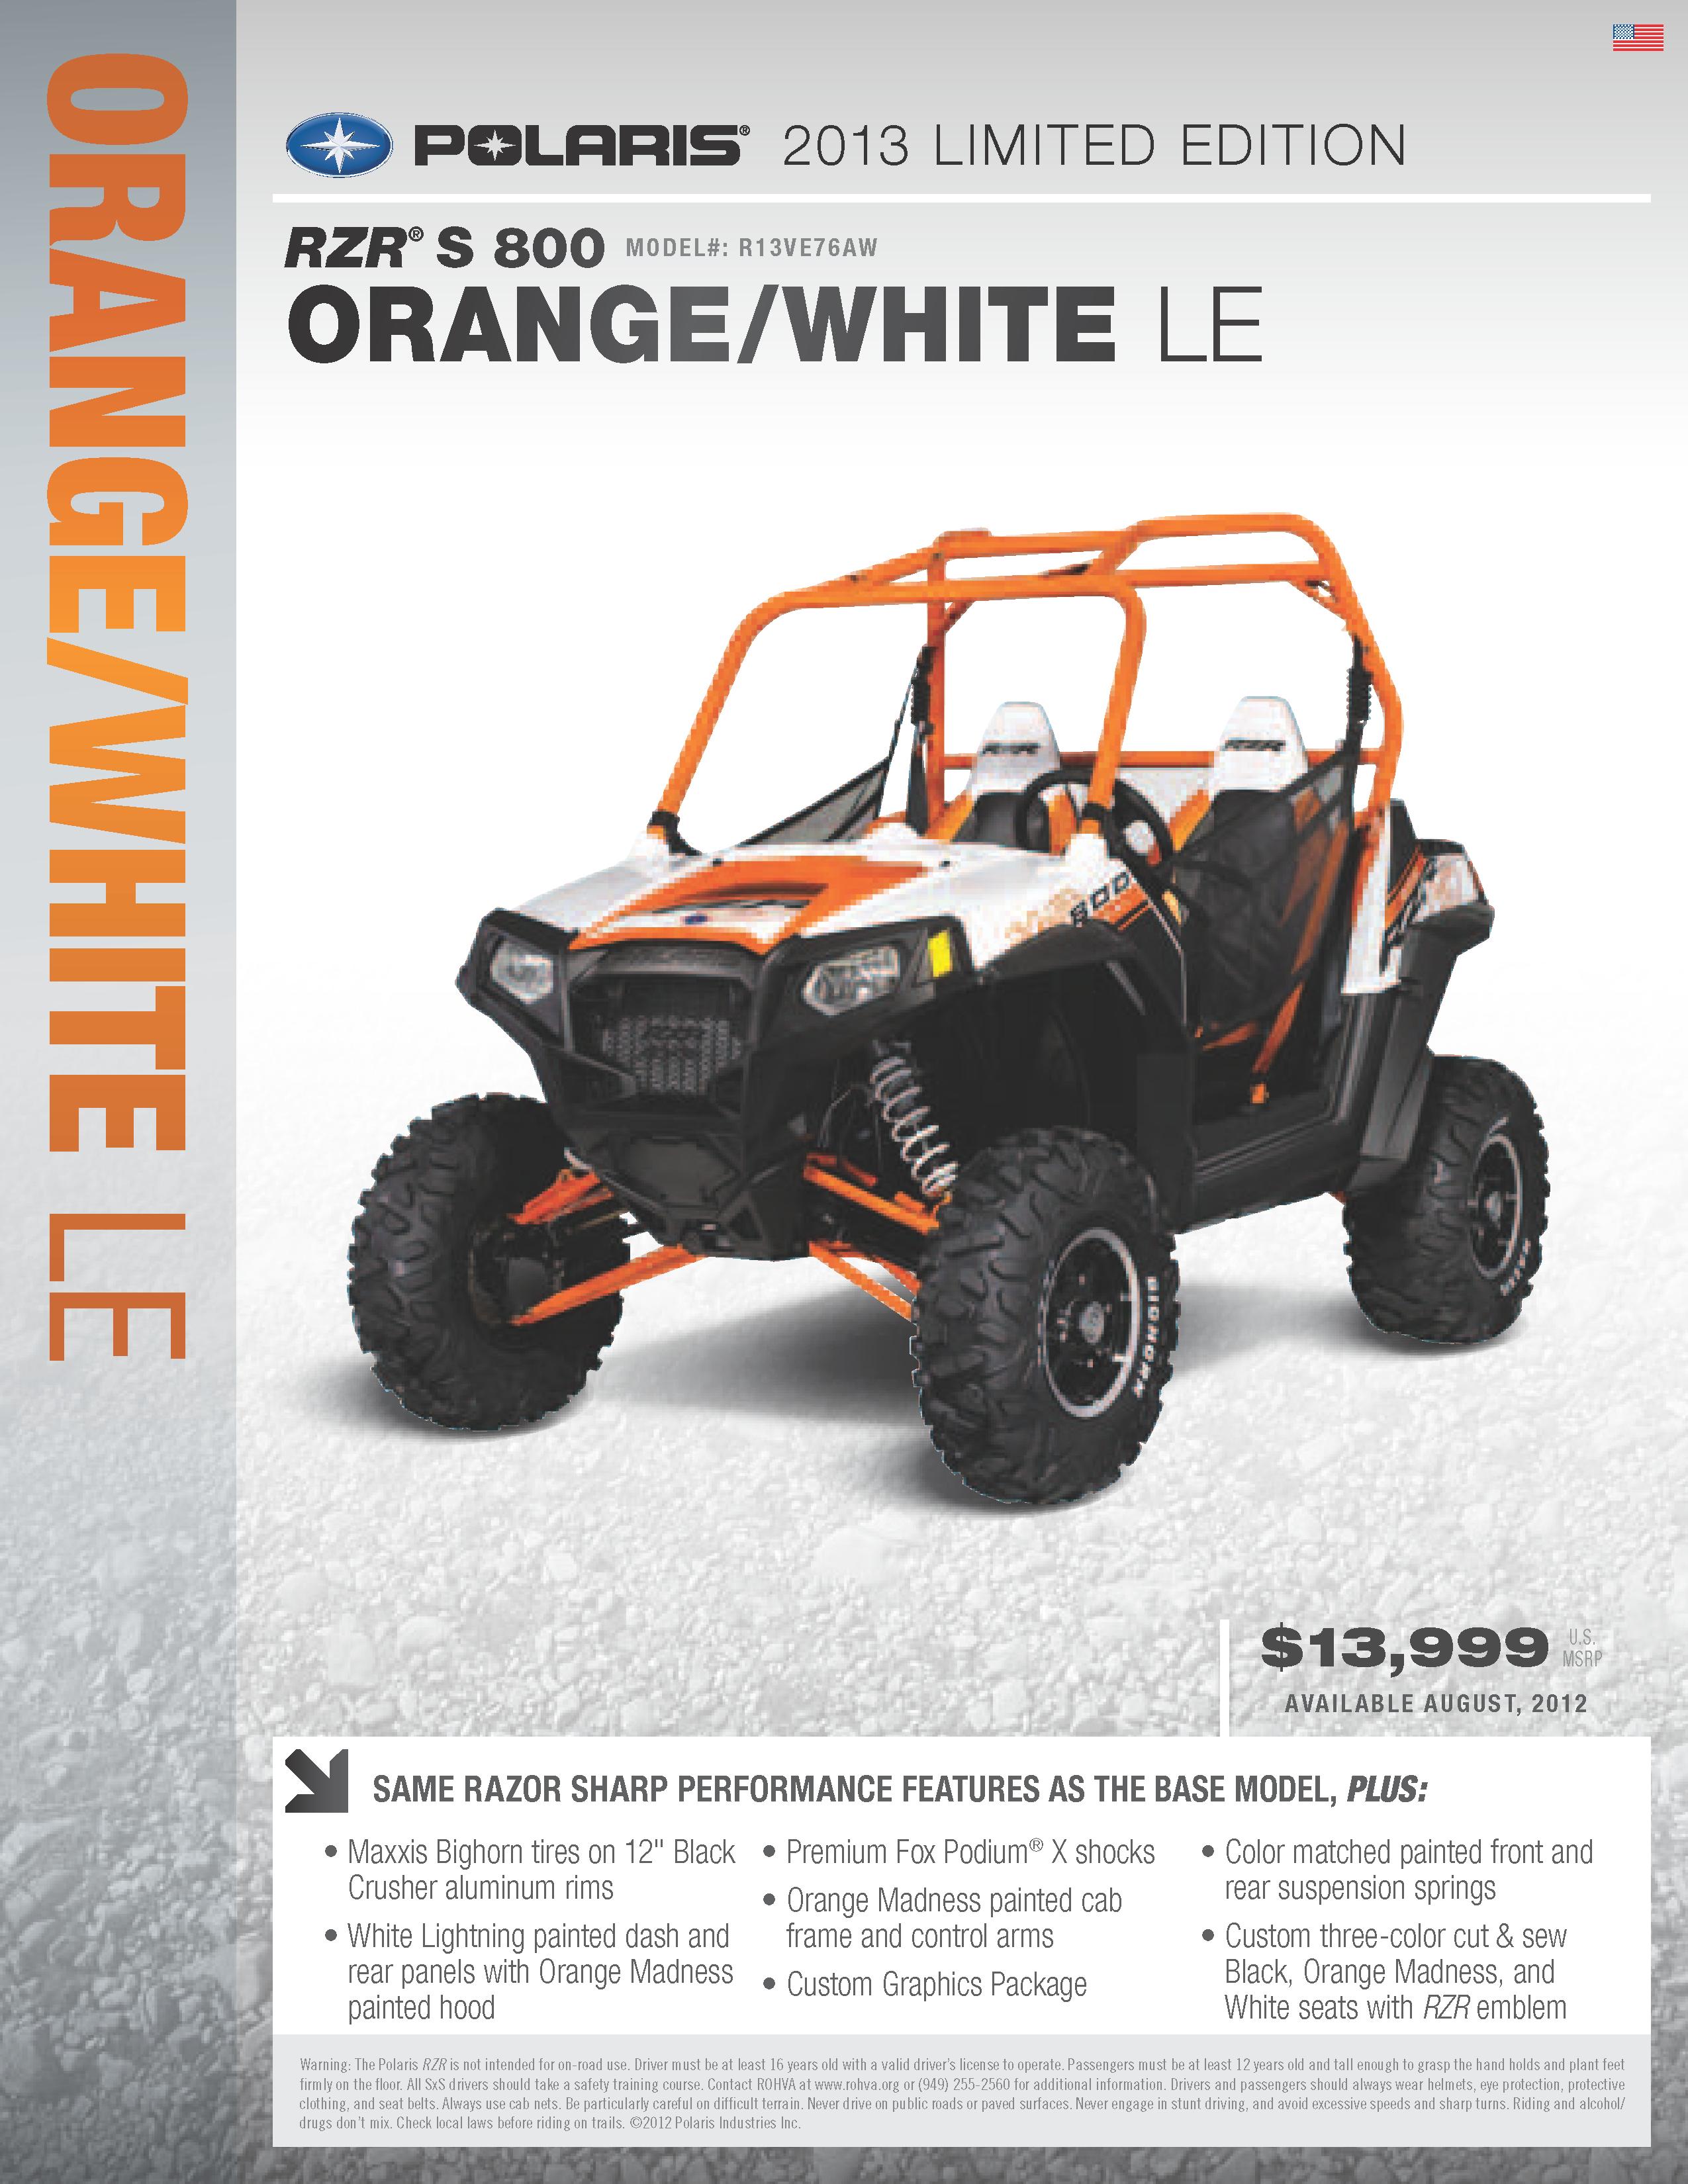 2013 polaris ranger rzr s 800 orange and white le [ 2550 x 3300 Pixel ]